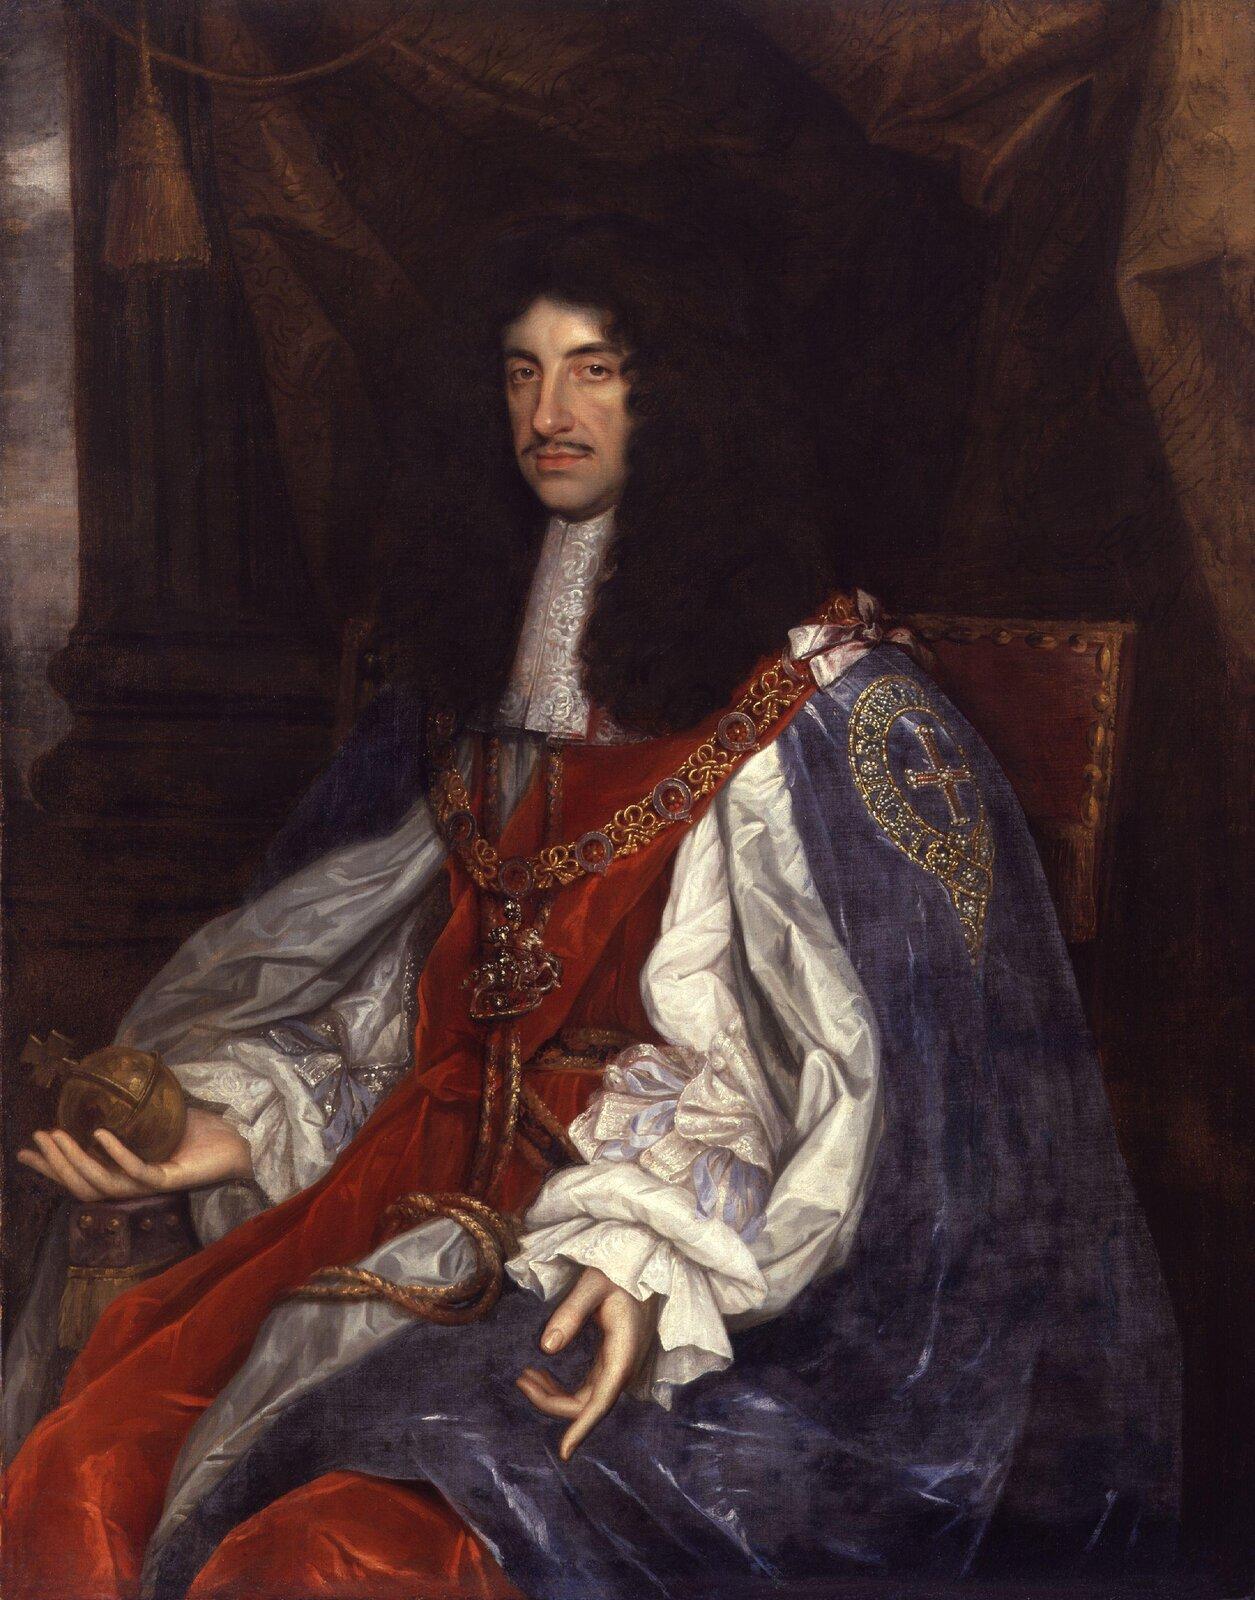 Karol II Stuart Źródło: John Michael Wright, Karol II Stuart, 1660-1665, domena publiczna.